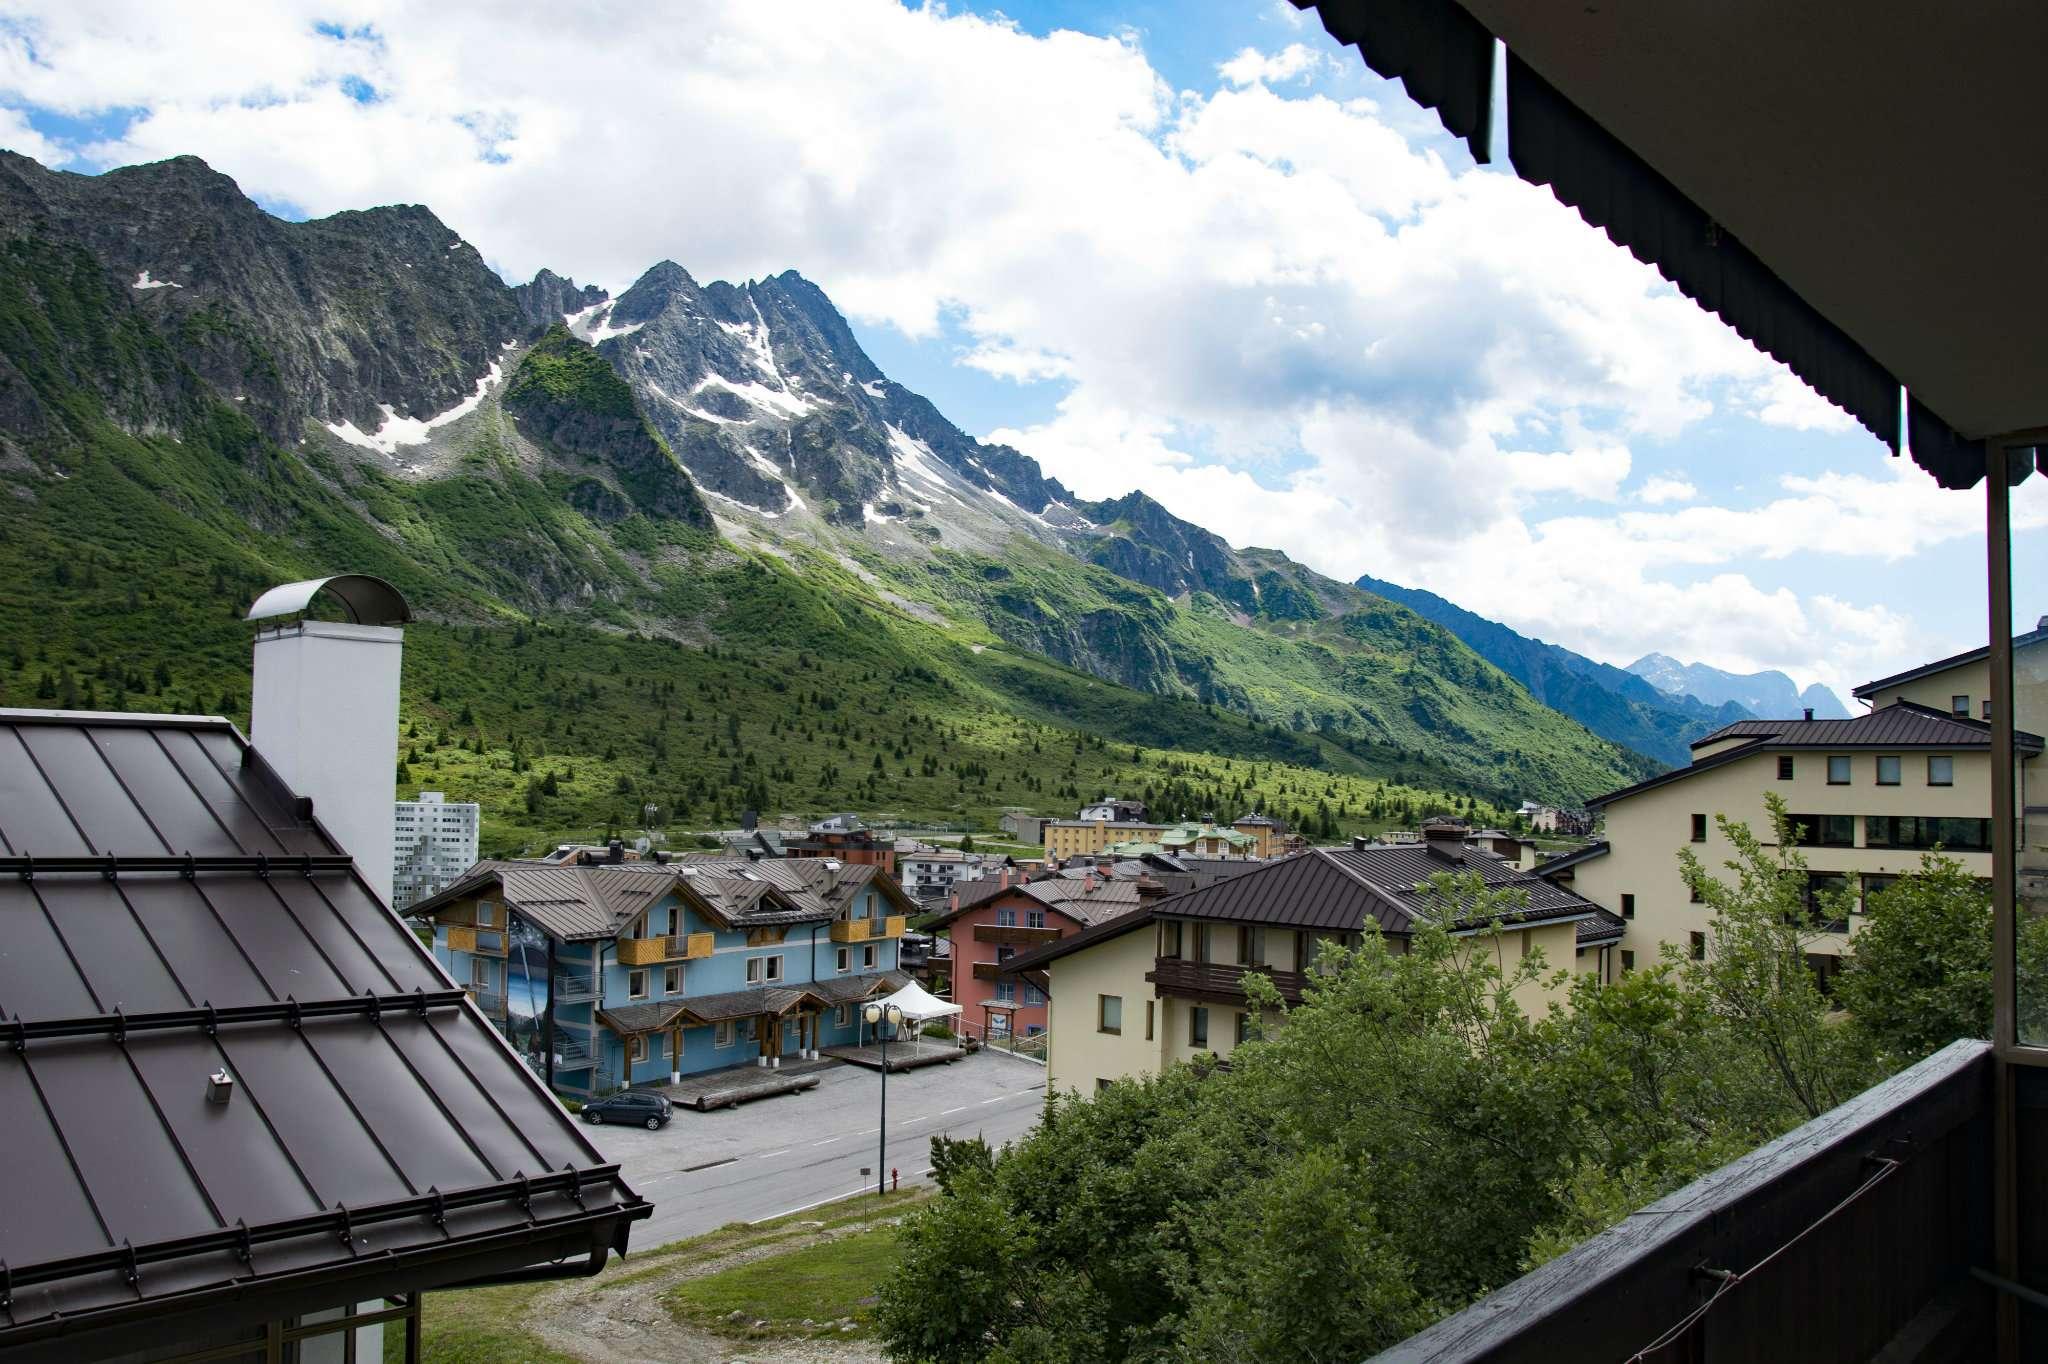 Trilocale arredato con balcone panoramico e posto auto coperto